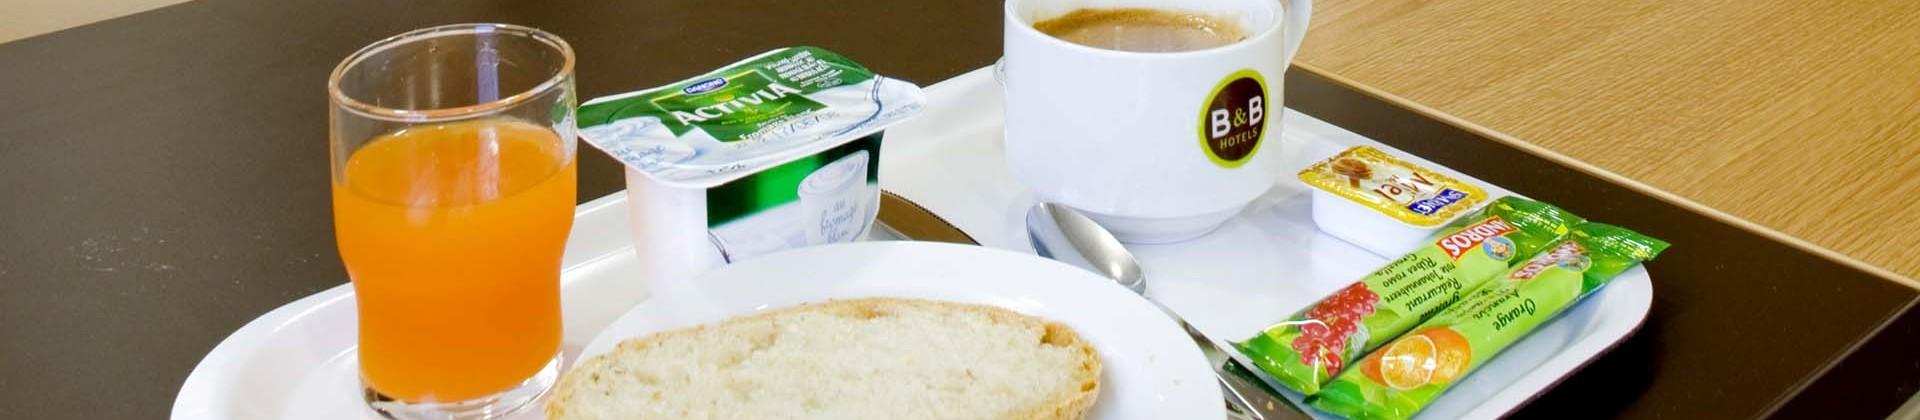 B&B petit déjeuner